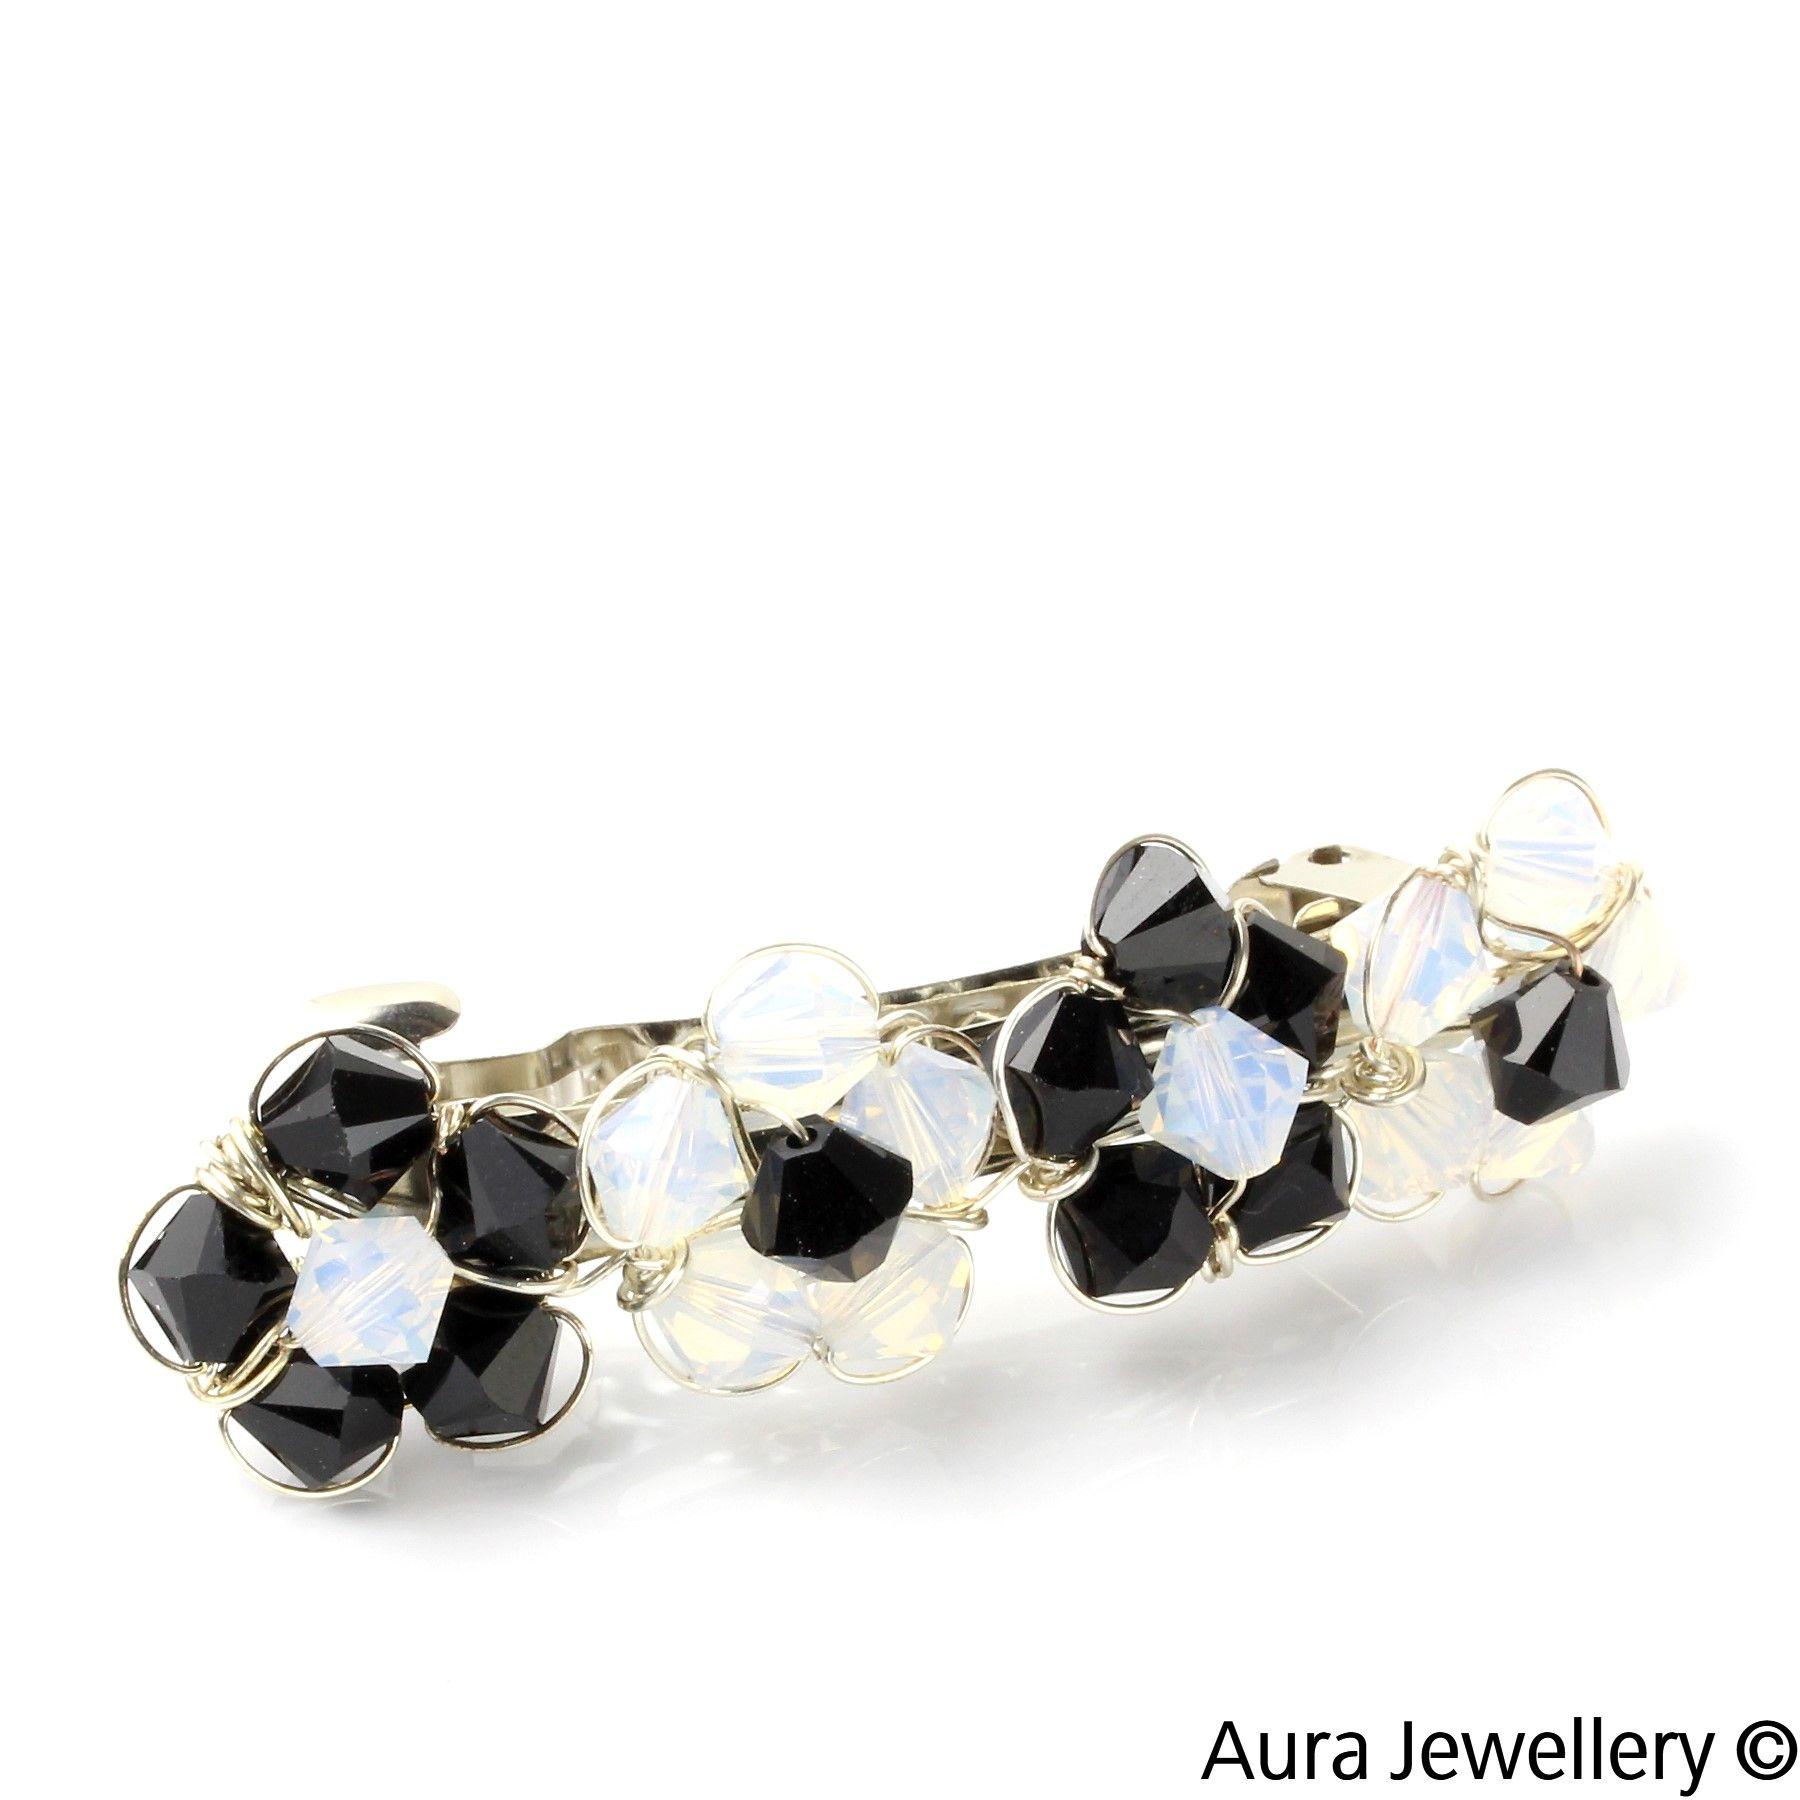 Black White Handcrafted Swarovski Crystal Floral Hair Barrette Slide